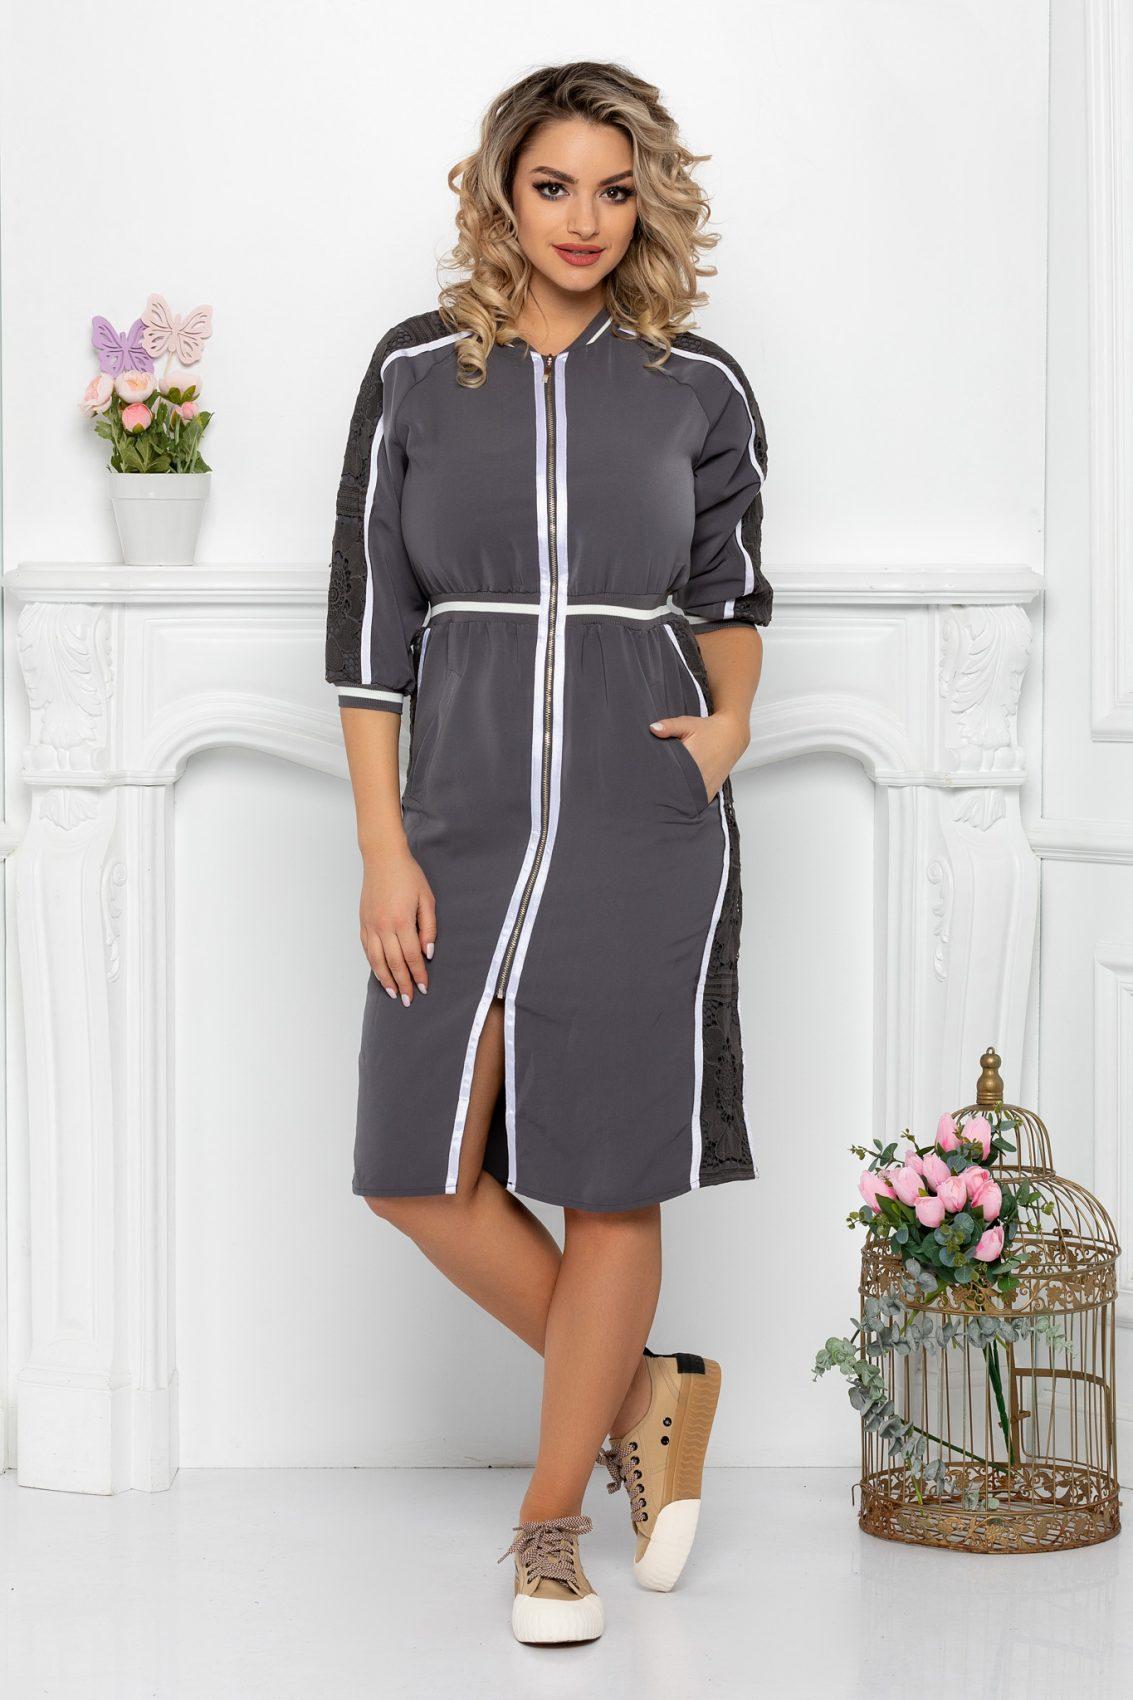 Γκρι Φόρεμα Με Φερμουάρ Helga 9385 1